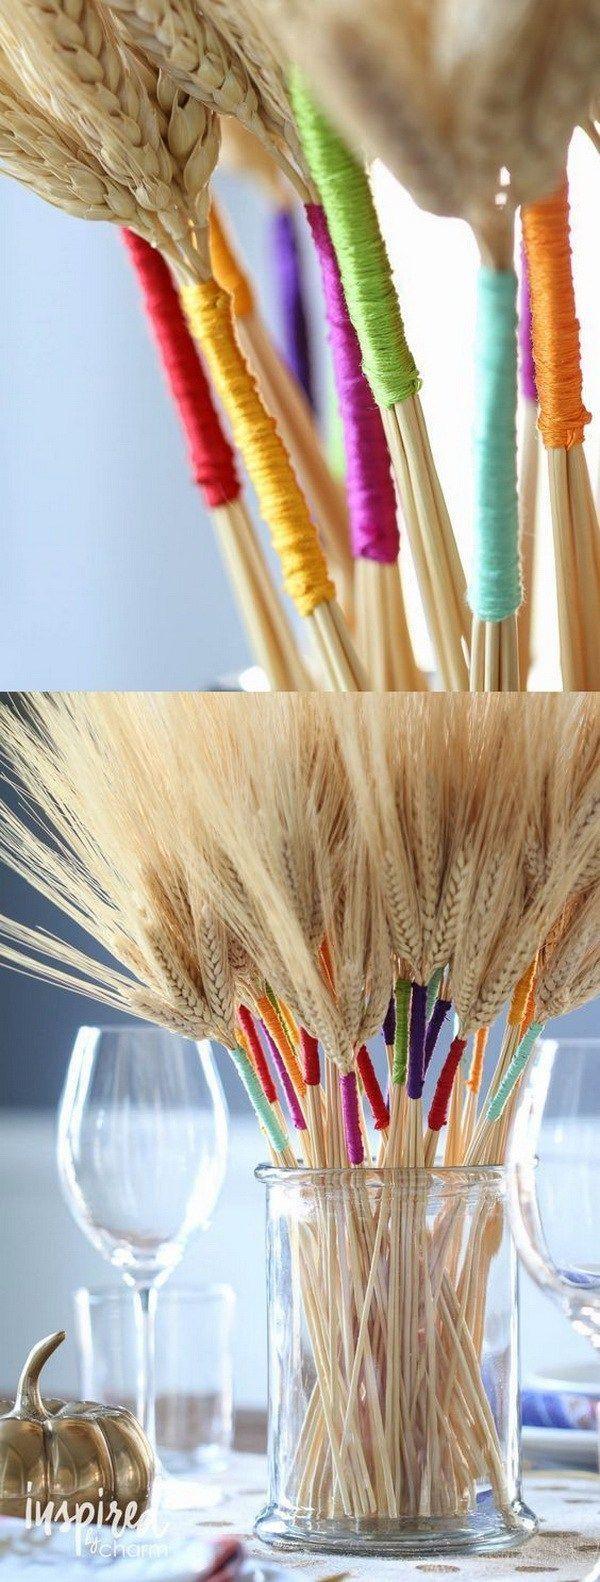 Diy-Farbe Eingewickeltes Weizen. Fügen Sie Einen Pop Von Farben Ihrem Thanksg Hinzu DIY-Farbe eingewickeltes Weizen. Fügen Sie einen Pop von Farben Ihrem Thanksg hinzu Diy diy crafts for home decor